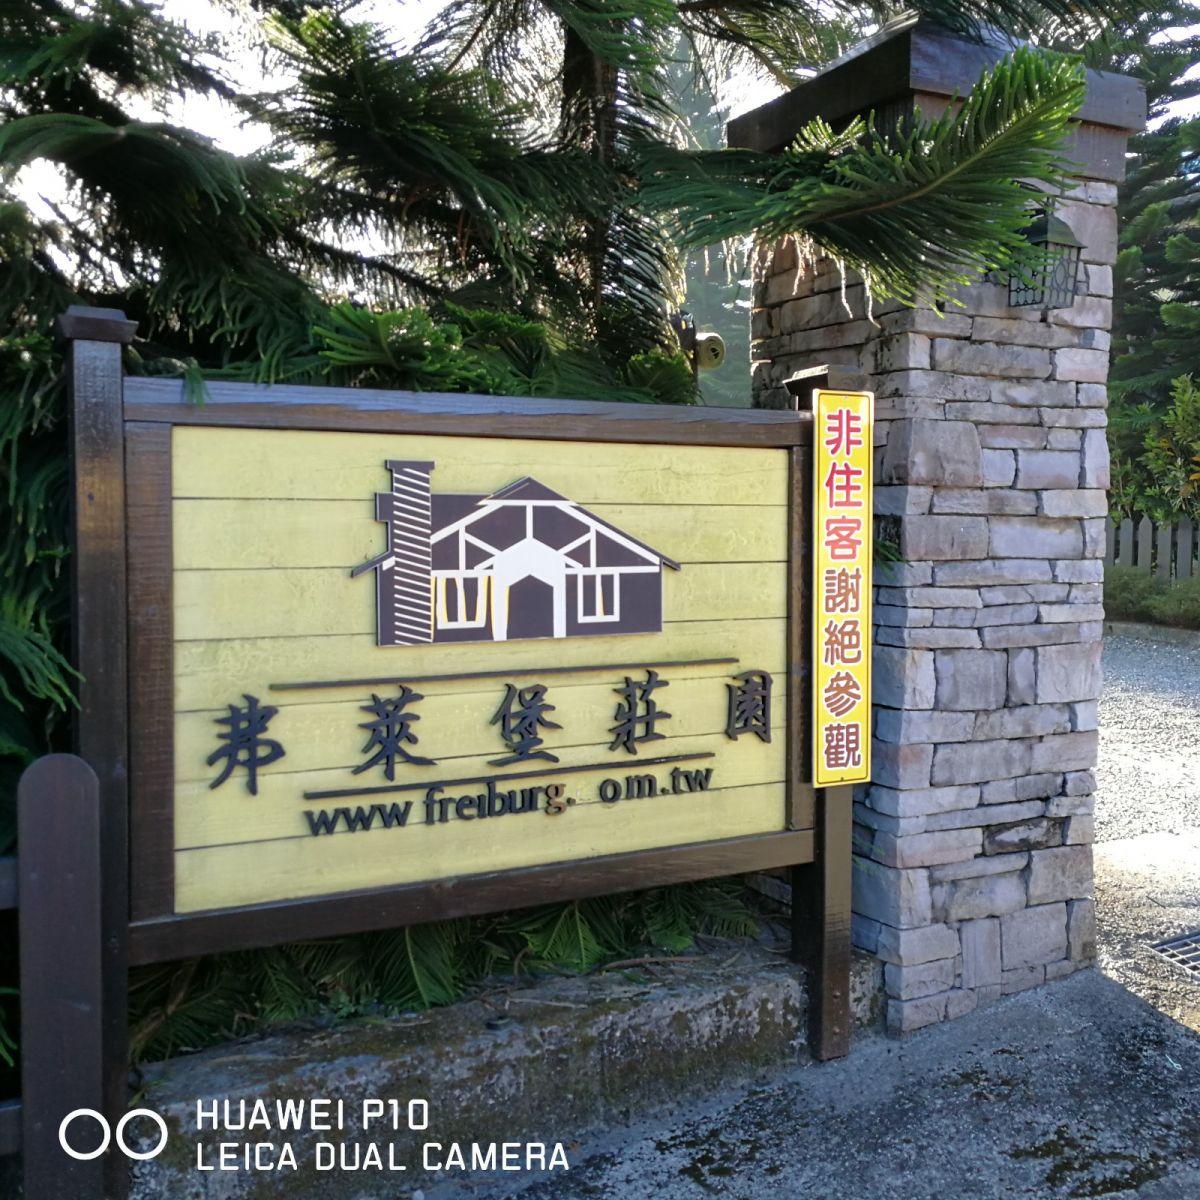 行走台湾_图1-11